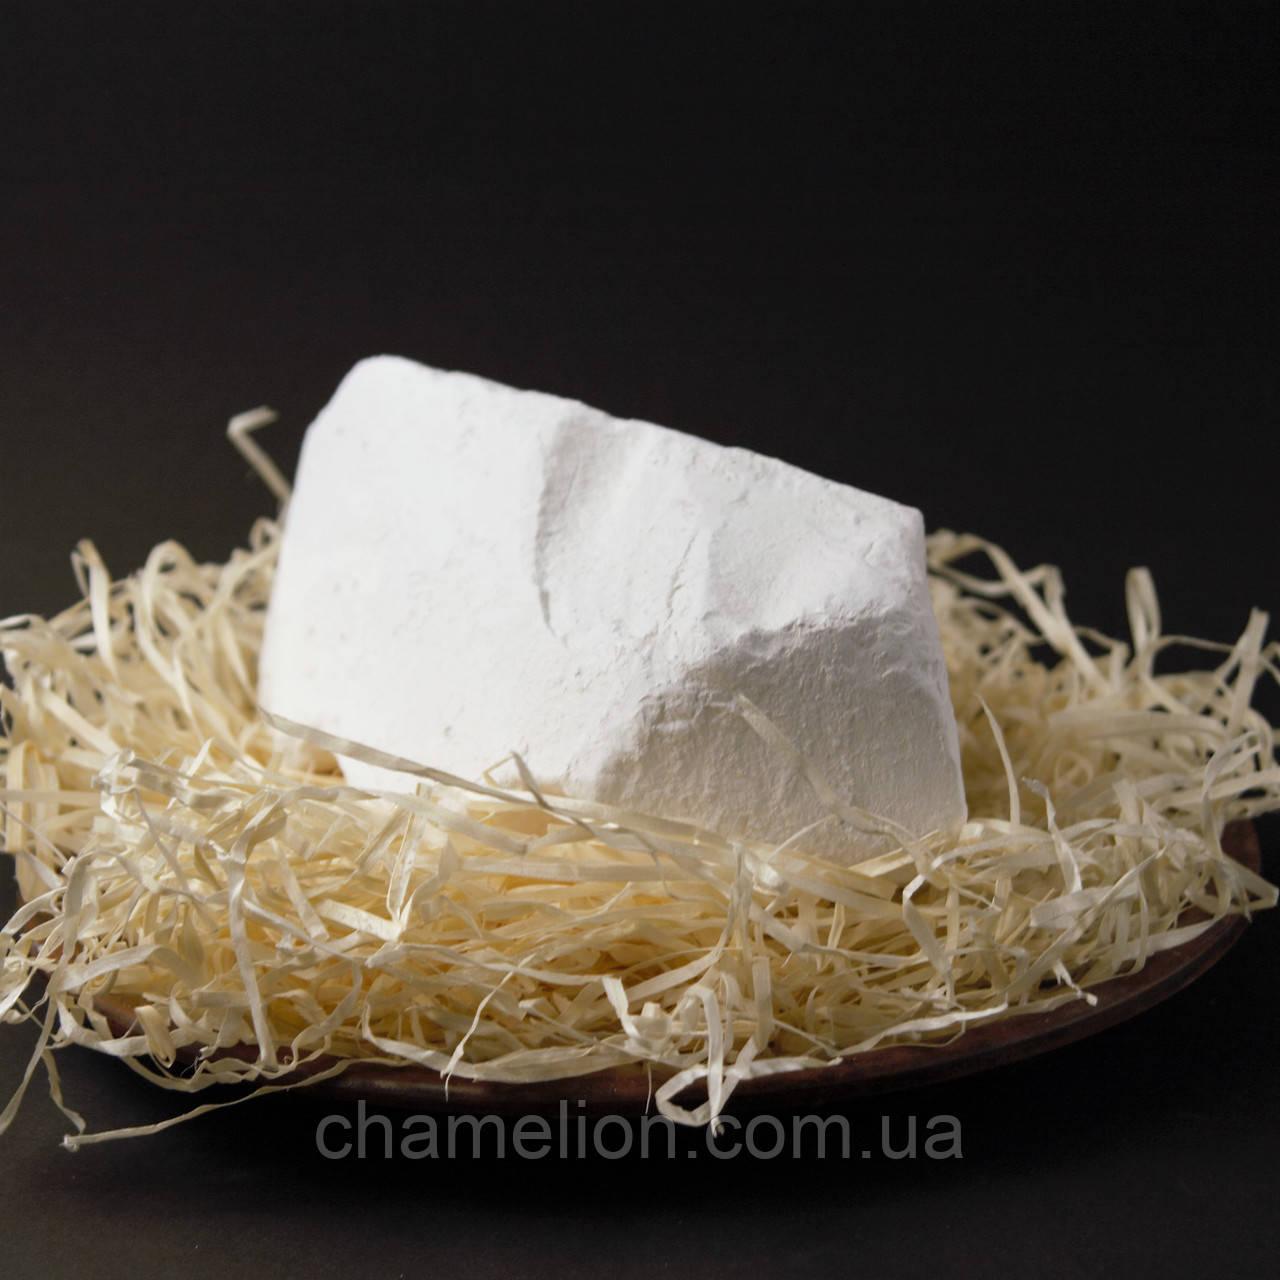 Крейда харчова Краматорська 1 кг (Мел пищевой Краматорский 1 кг)